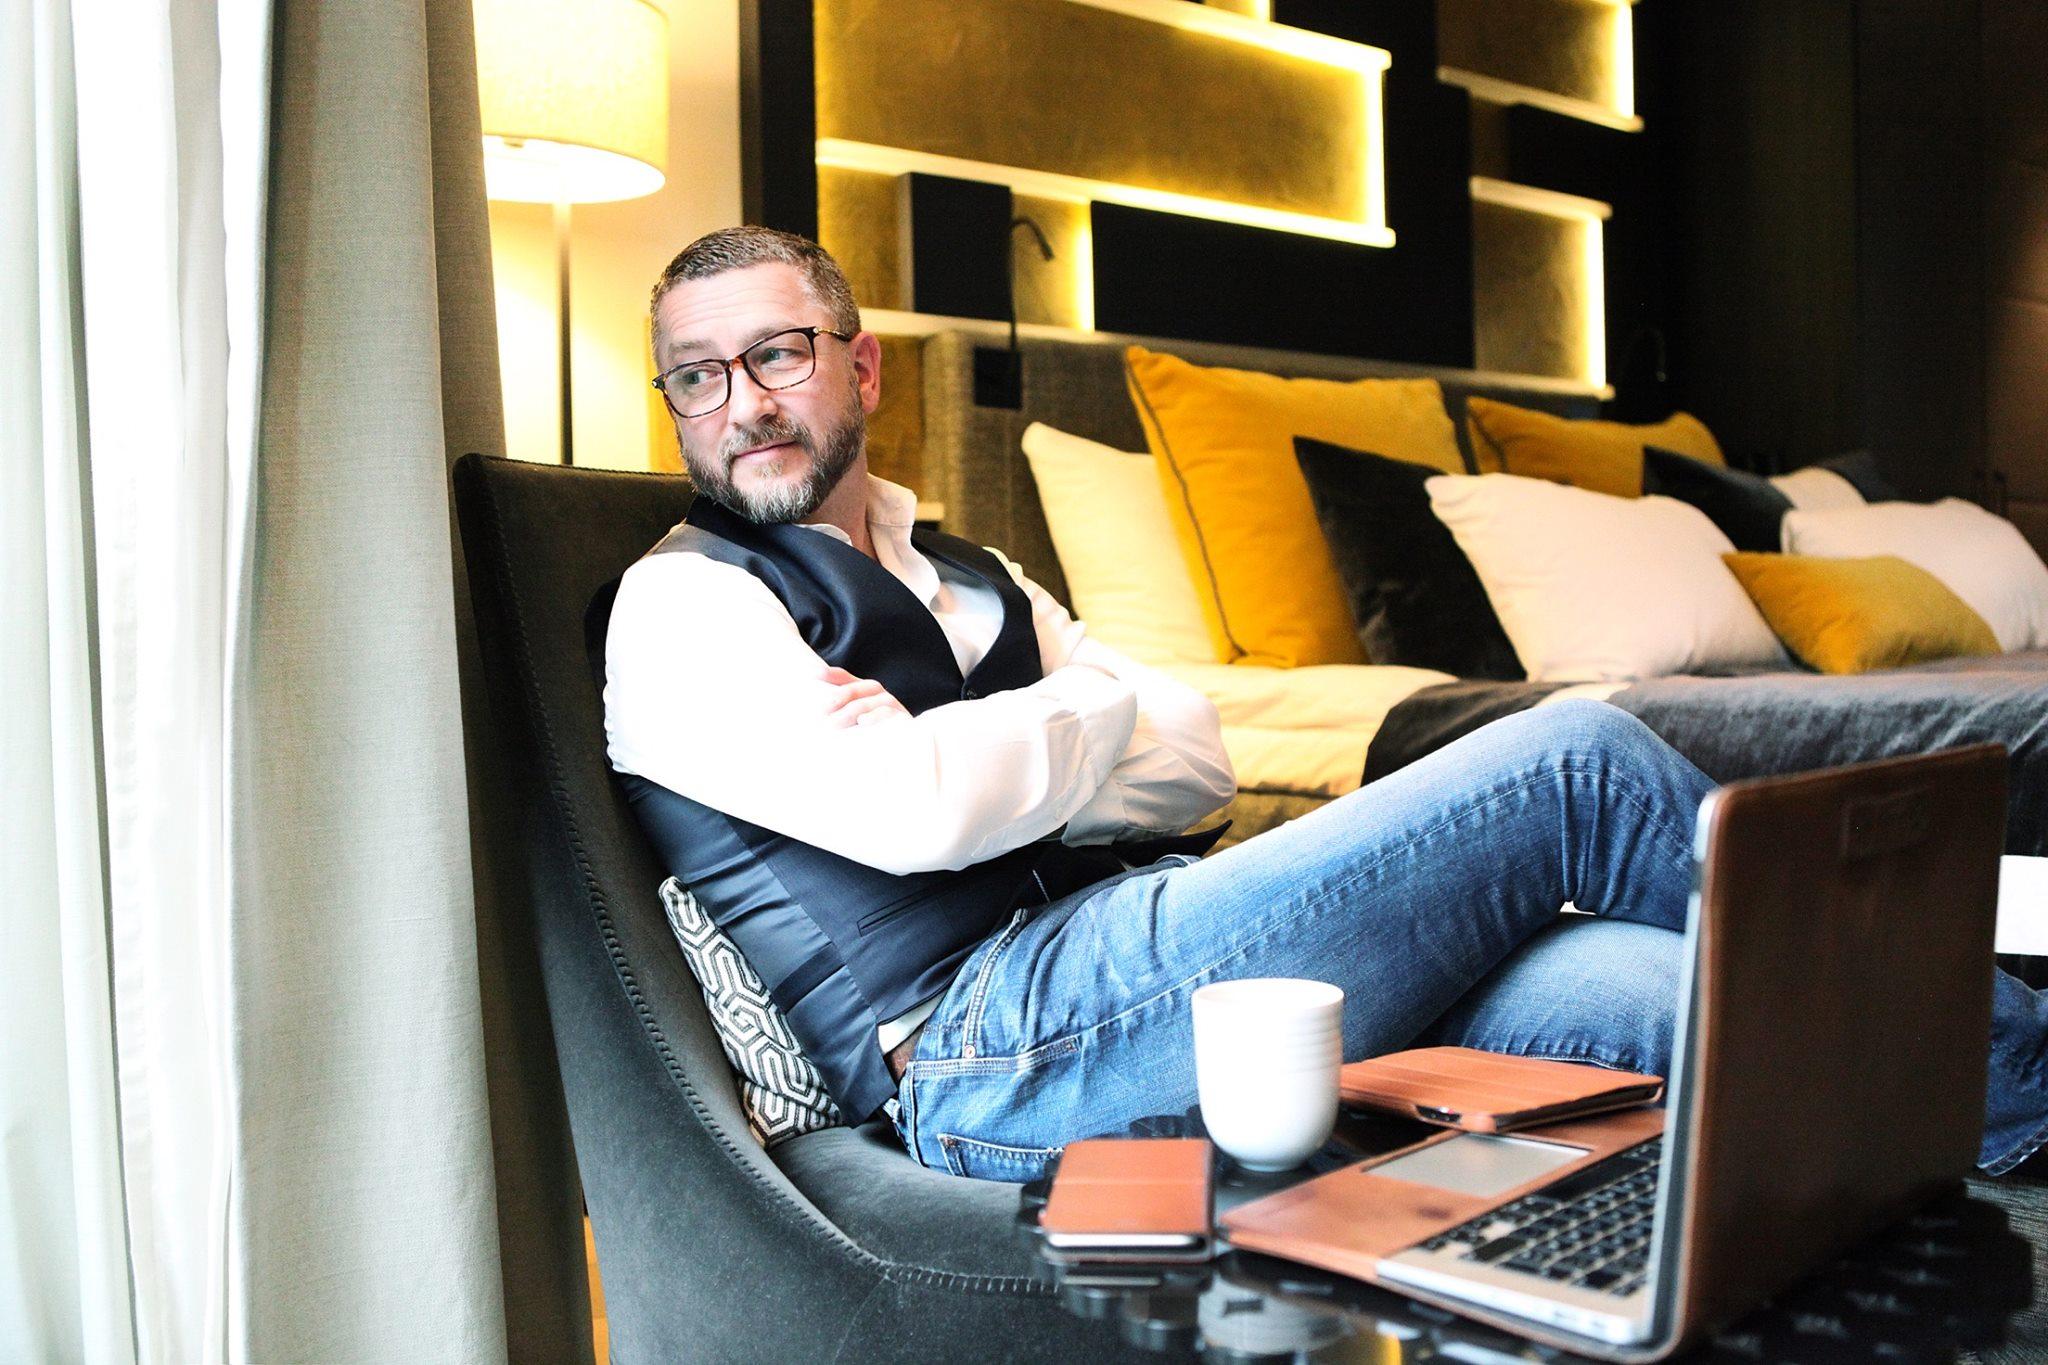 300c8eb6 Kommunikasjonskollega Hans-Petter Nygård Hansen bruker ofte jeans/blazer-kombinasjonen,  ofte med vest og slips. Og selv om han har bakgrunn fra IT, ...